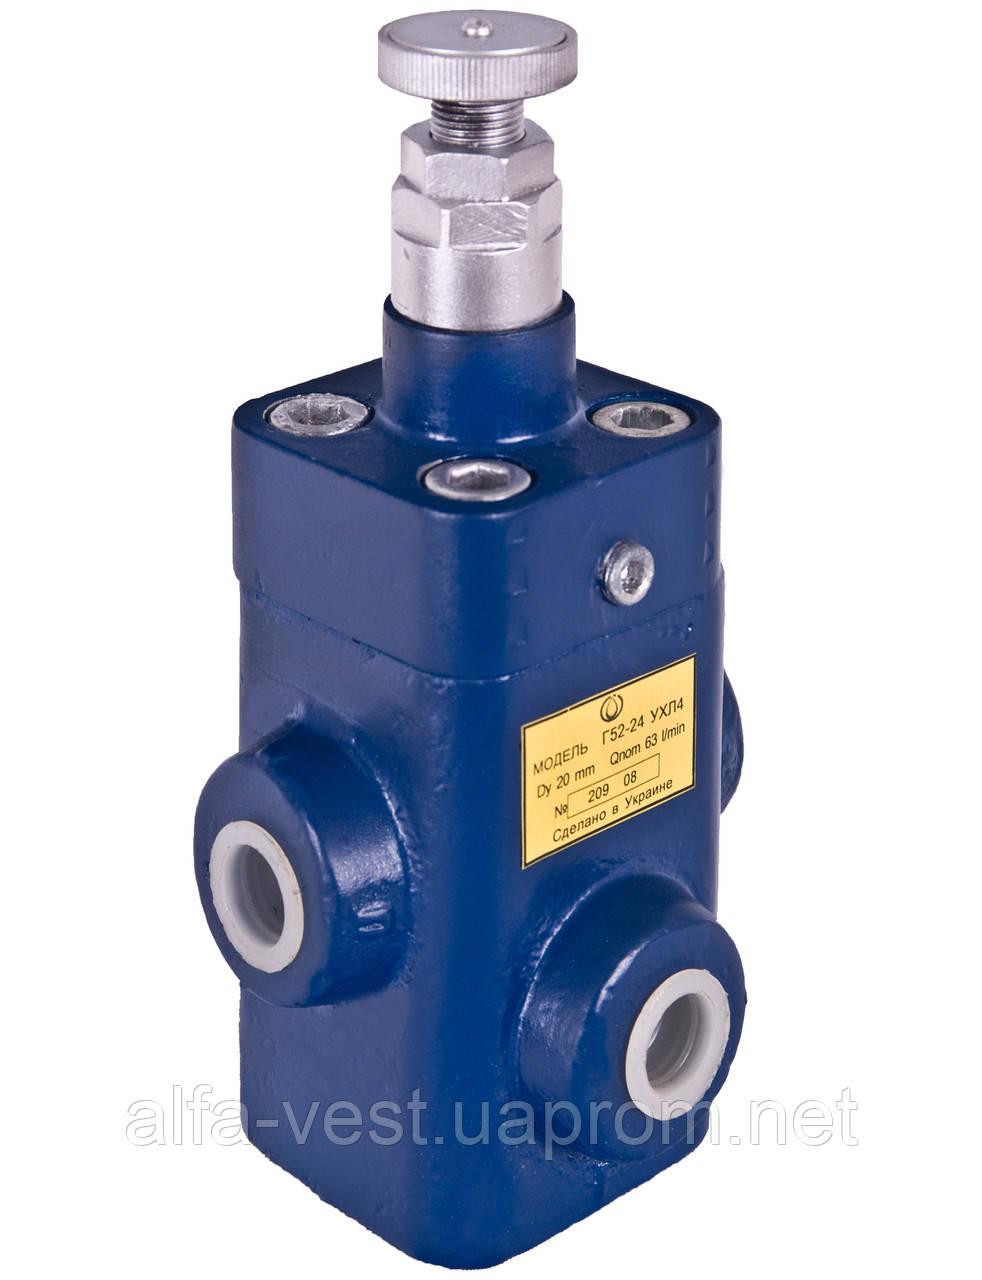 Гидроклапан предохранительный Г52-22